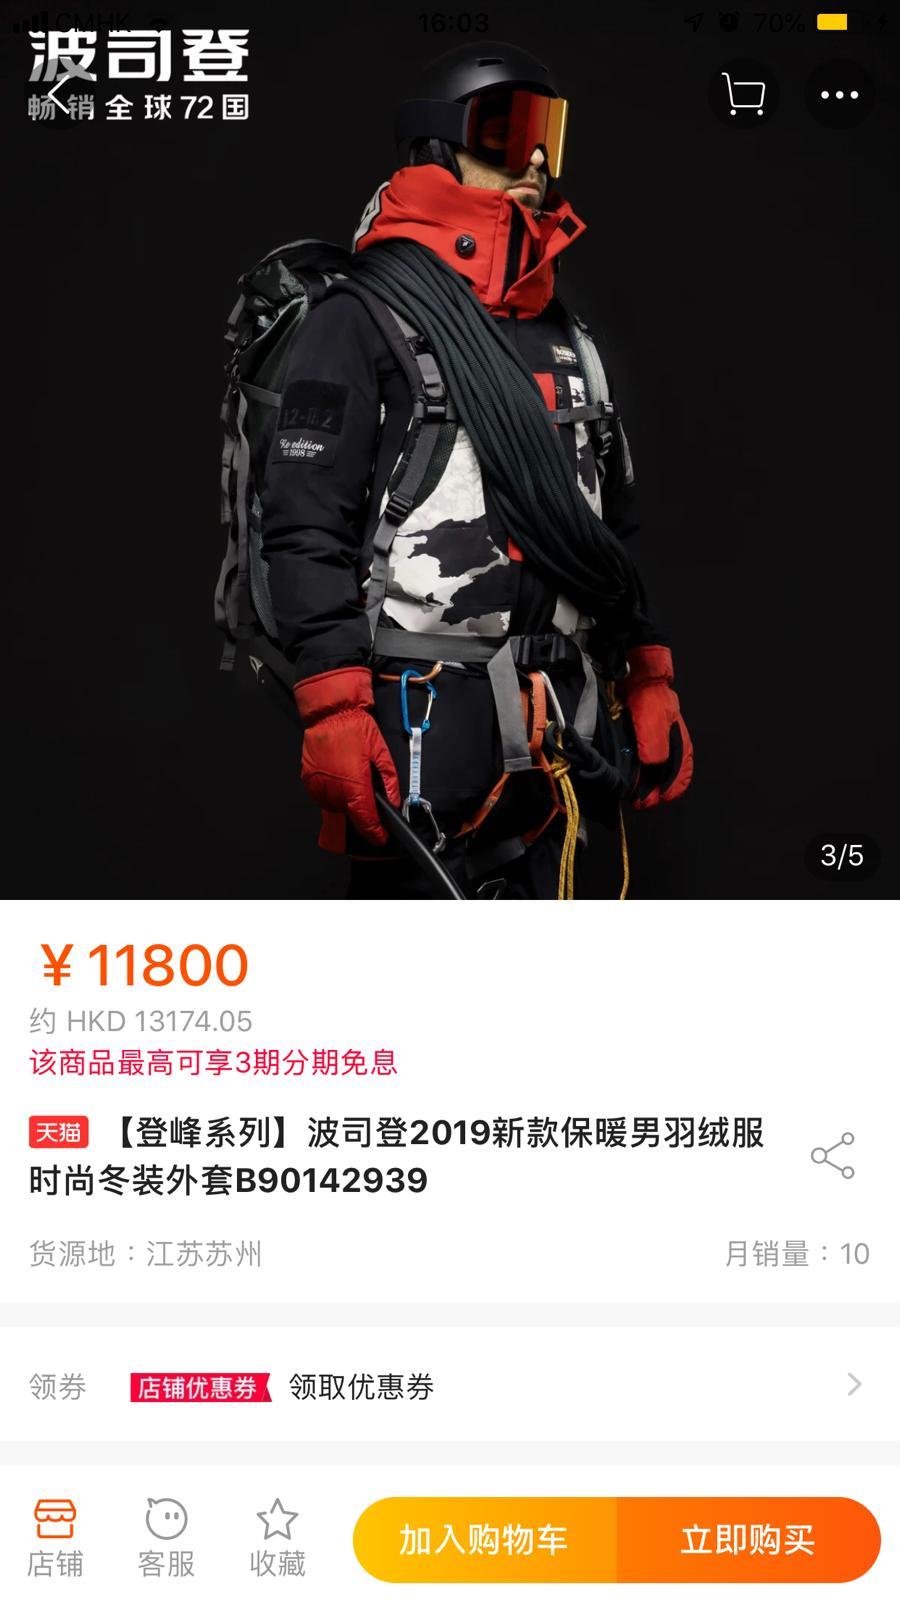 淘寶網可見波司登的登峰系列羽絨,最貴賣11800人民幣。